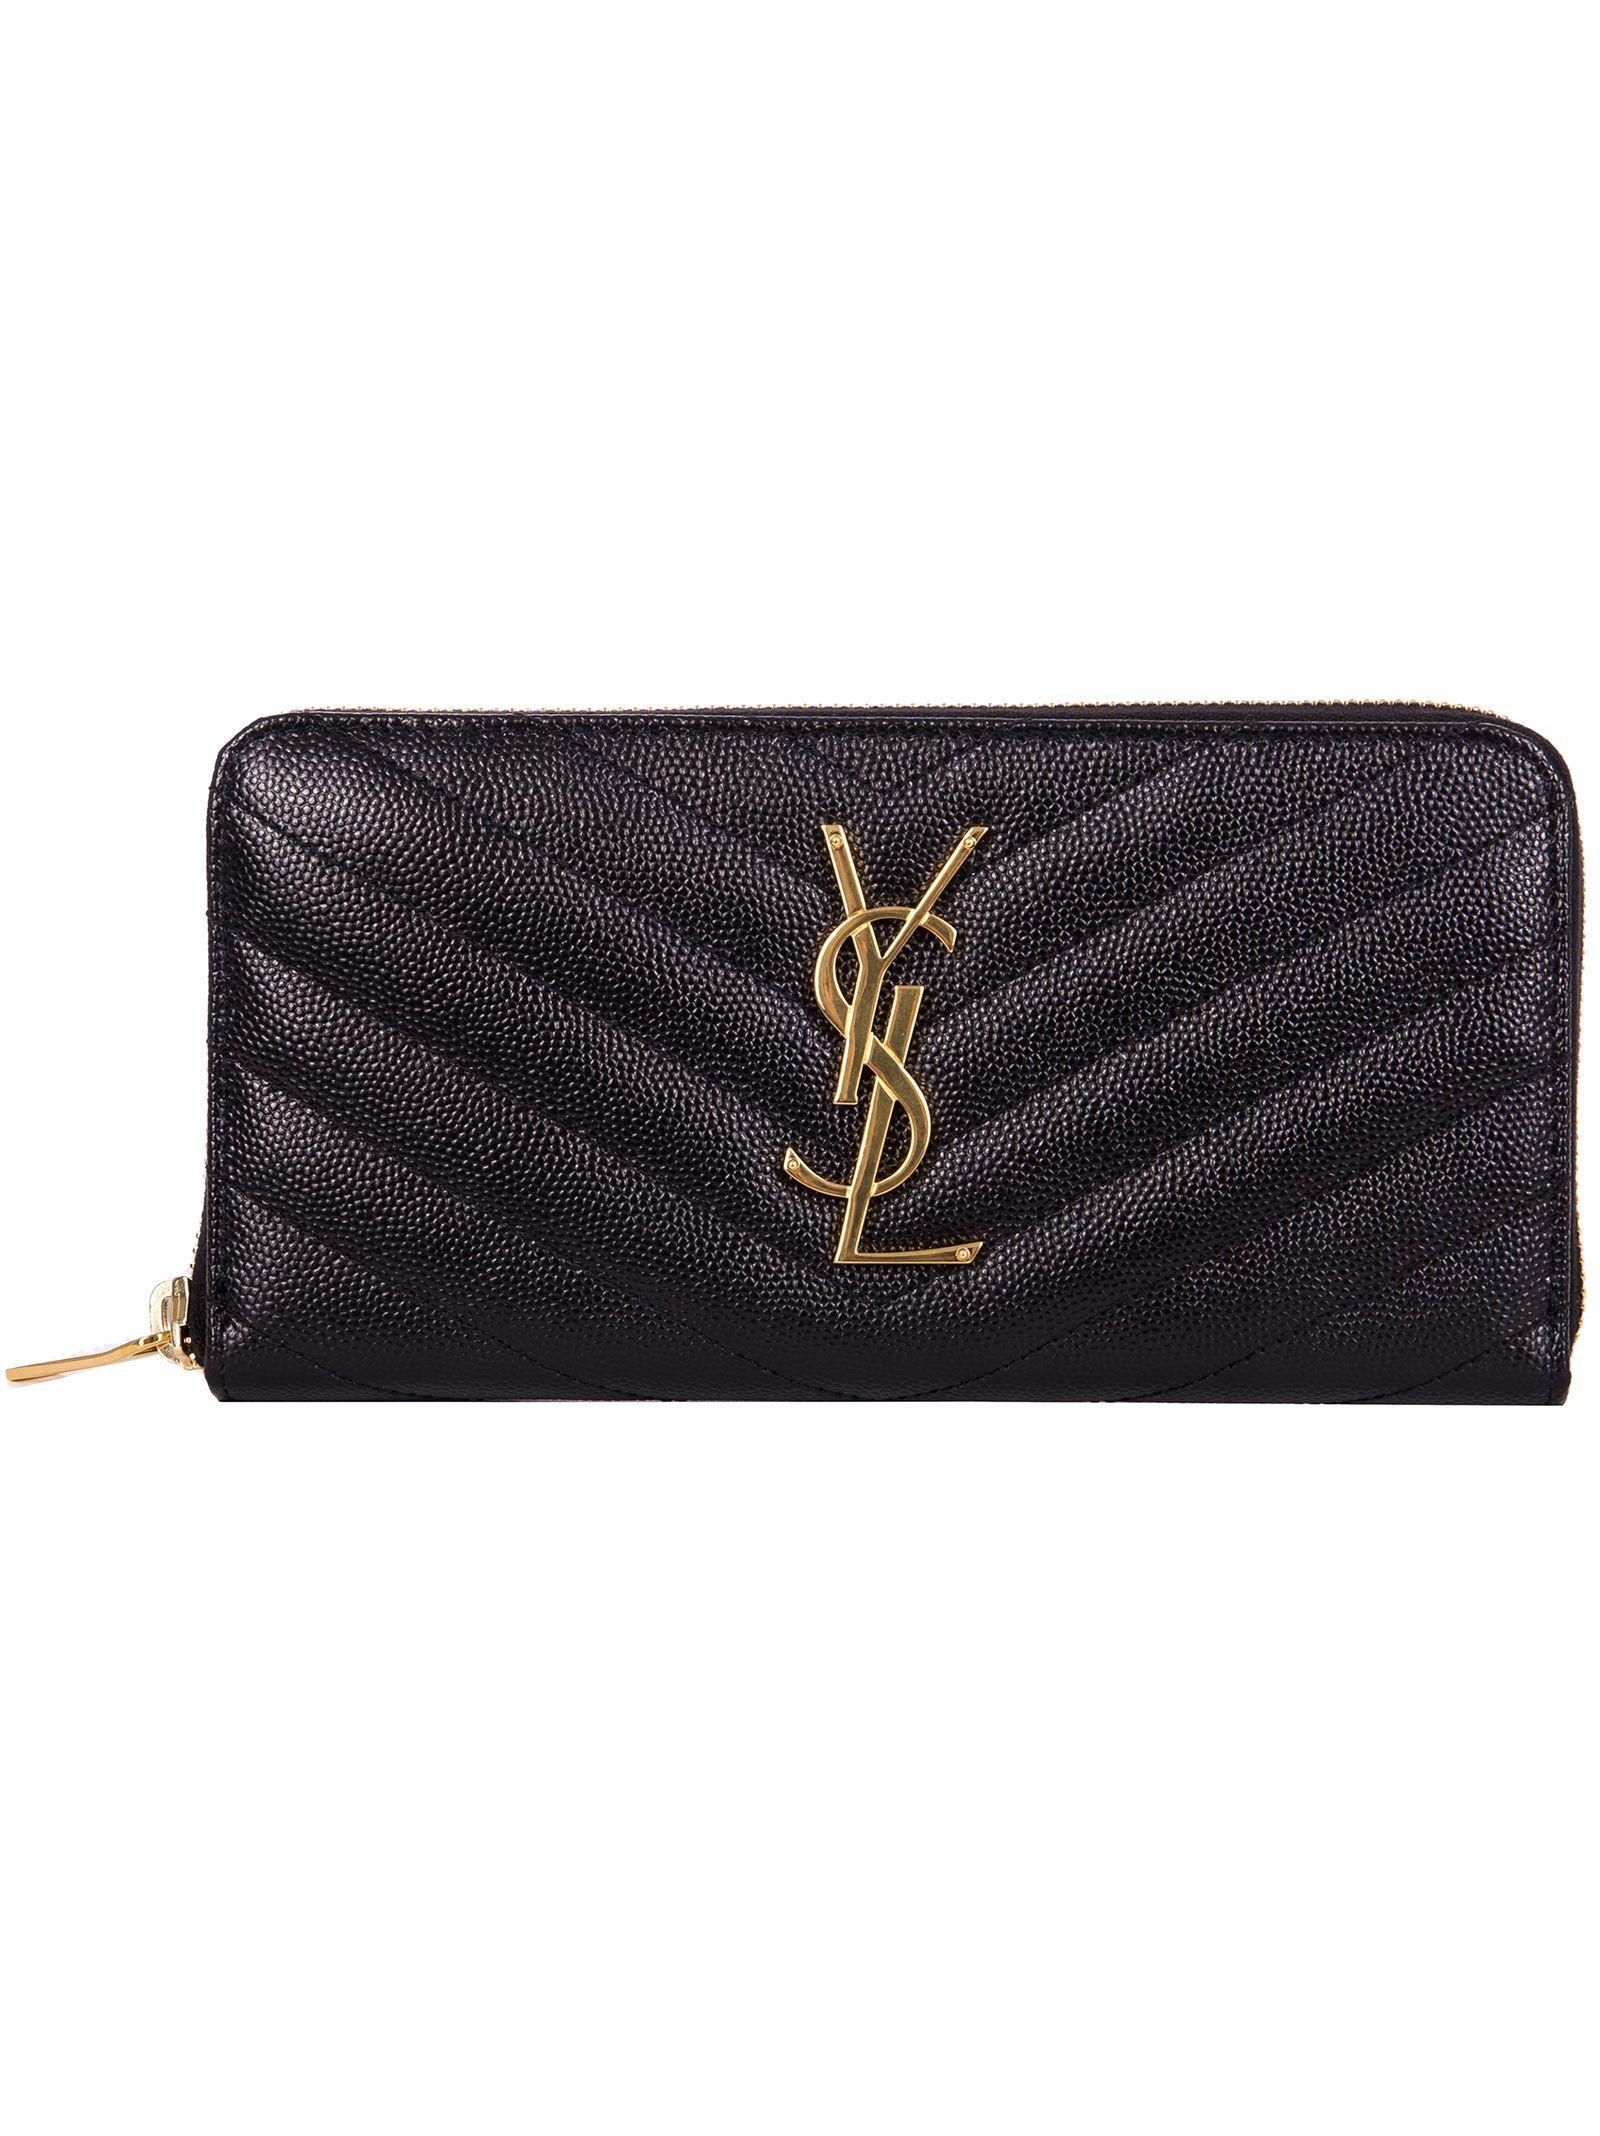 0ba14d75bd3 Saint Laurent Ysl Zip-Around Wallet In Black In Nero | ModeSens